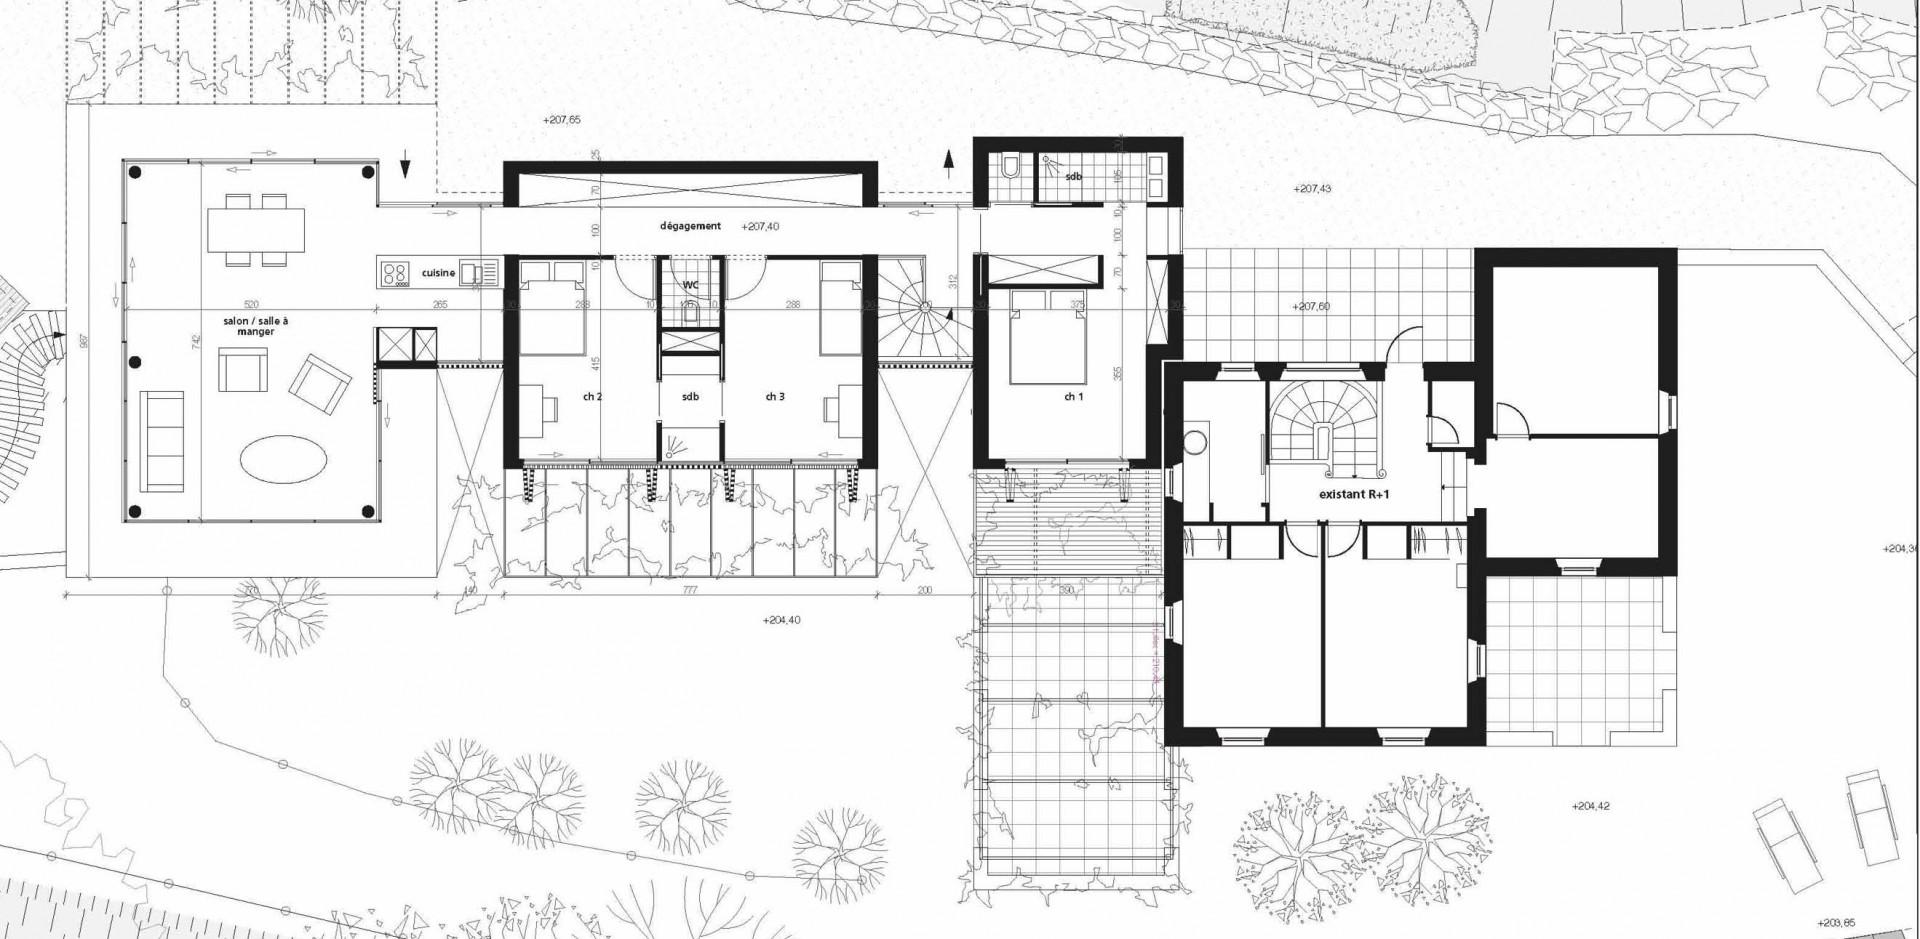 Plan dune maison familiale maison moderne for Plan maison familiale